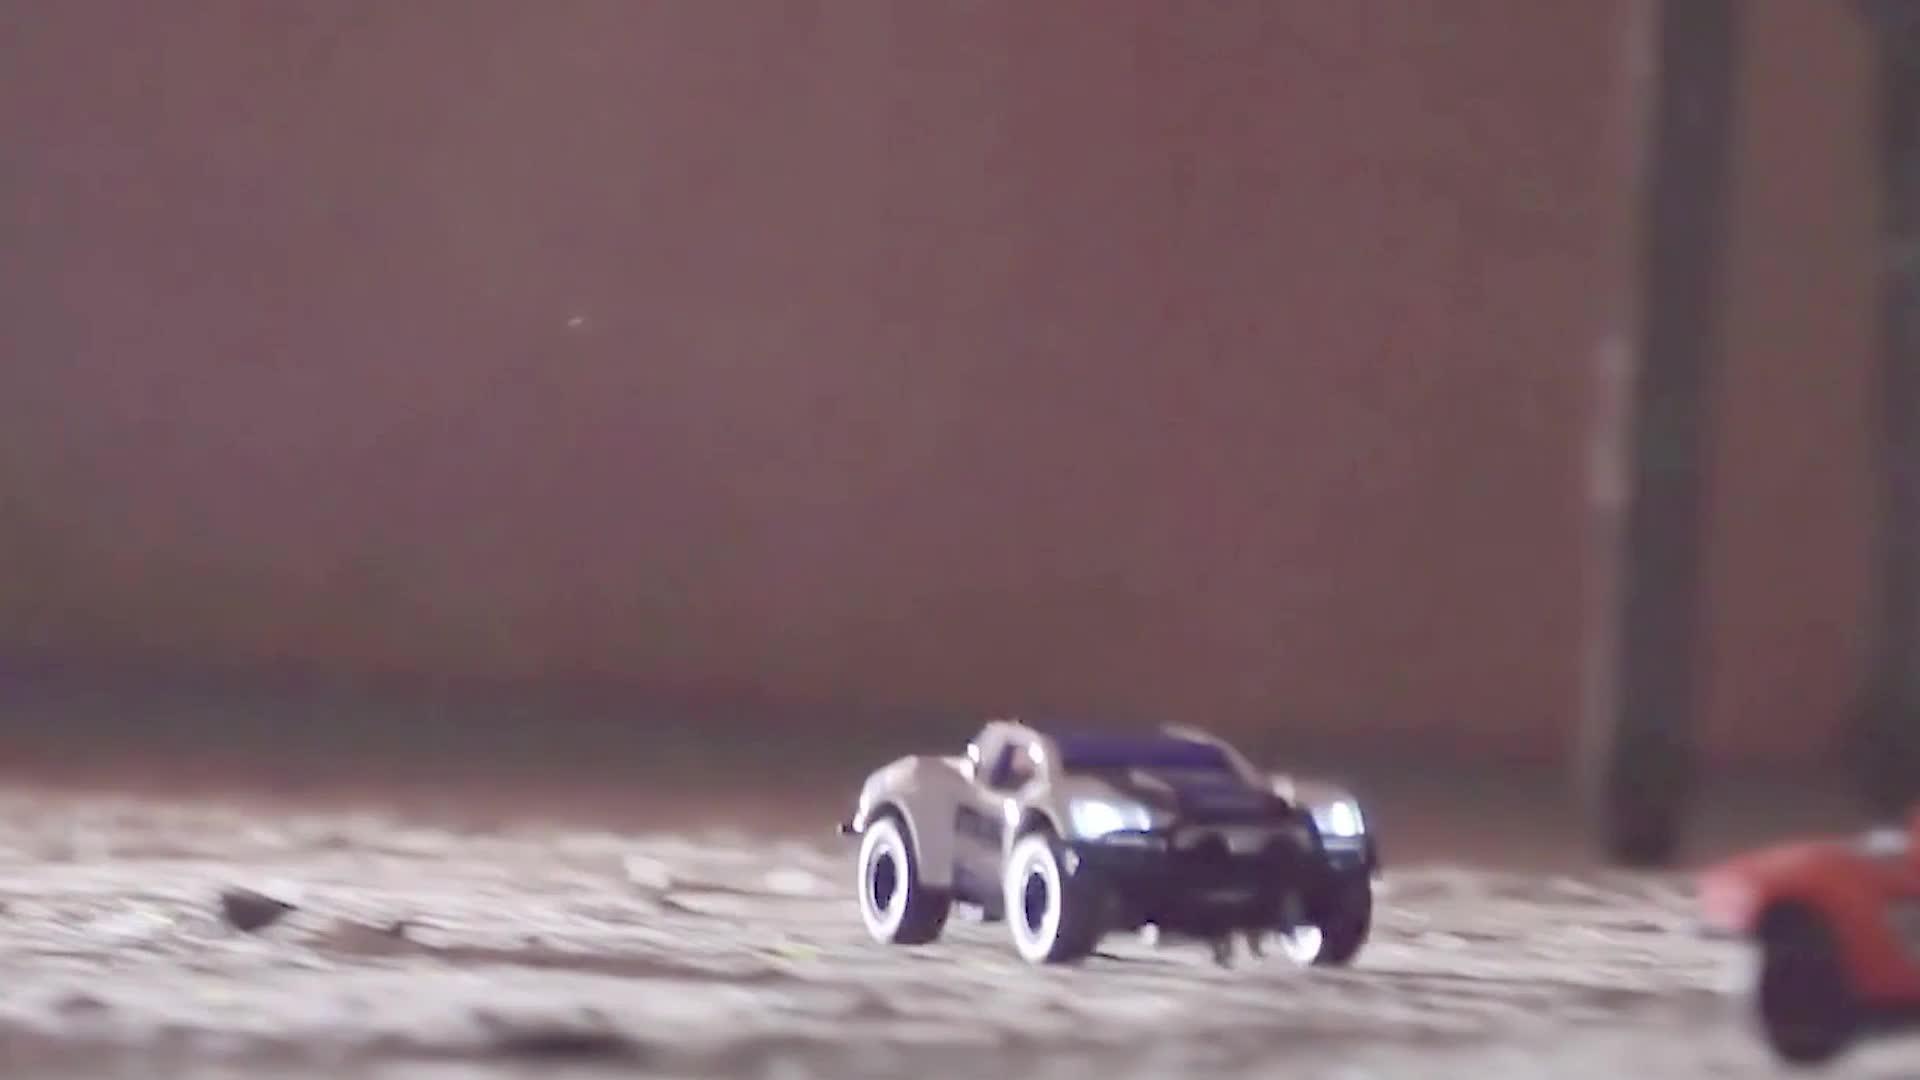 2019 เด็กของเล่นต่ำราคาขายส่ง Remort รถของเล่น Mini 1/43 Drift Rc รถความเร็วสูง